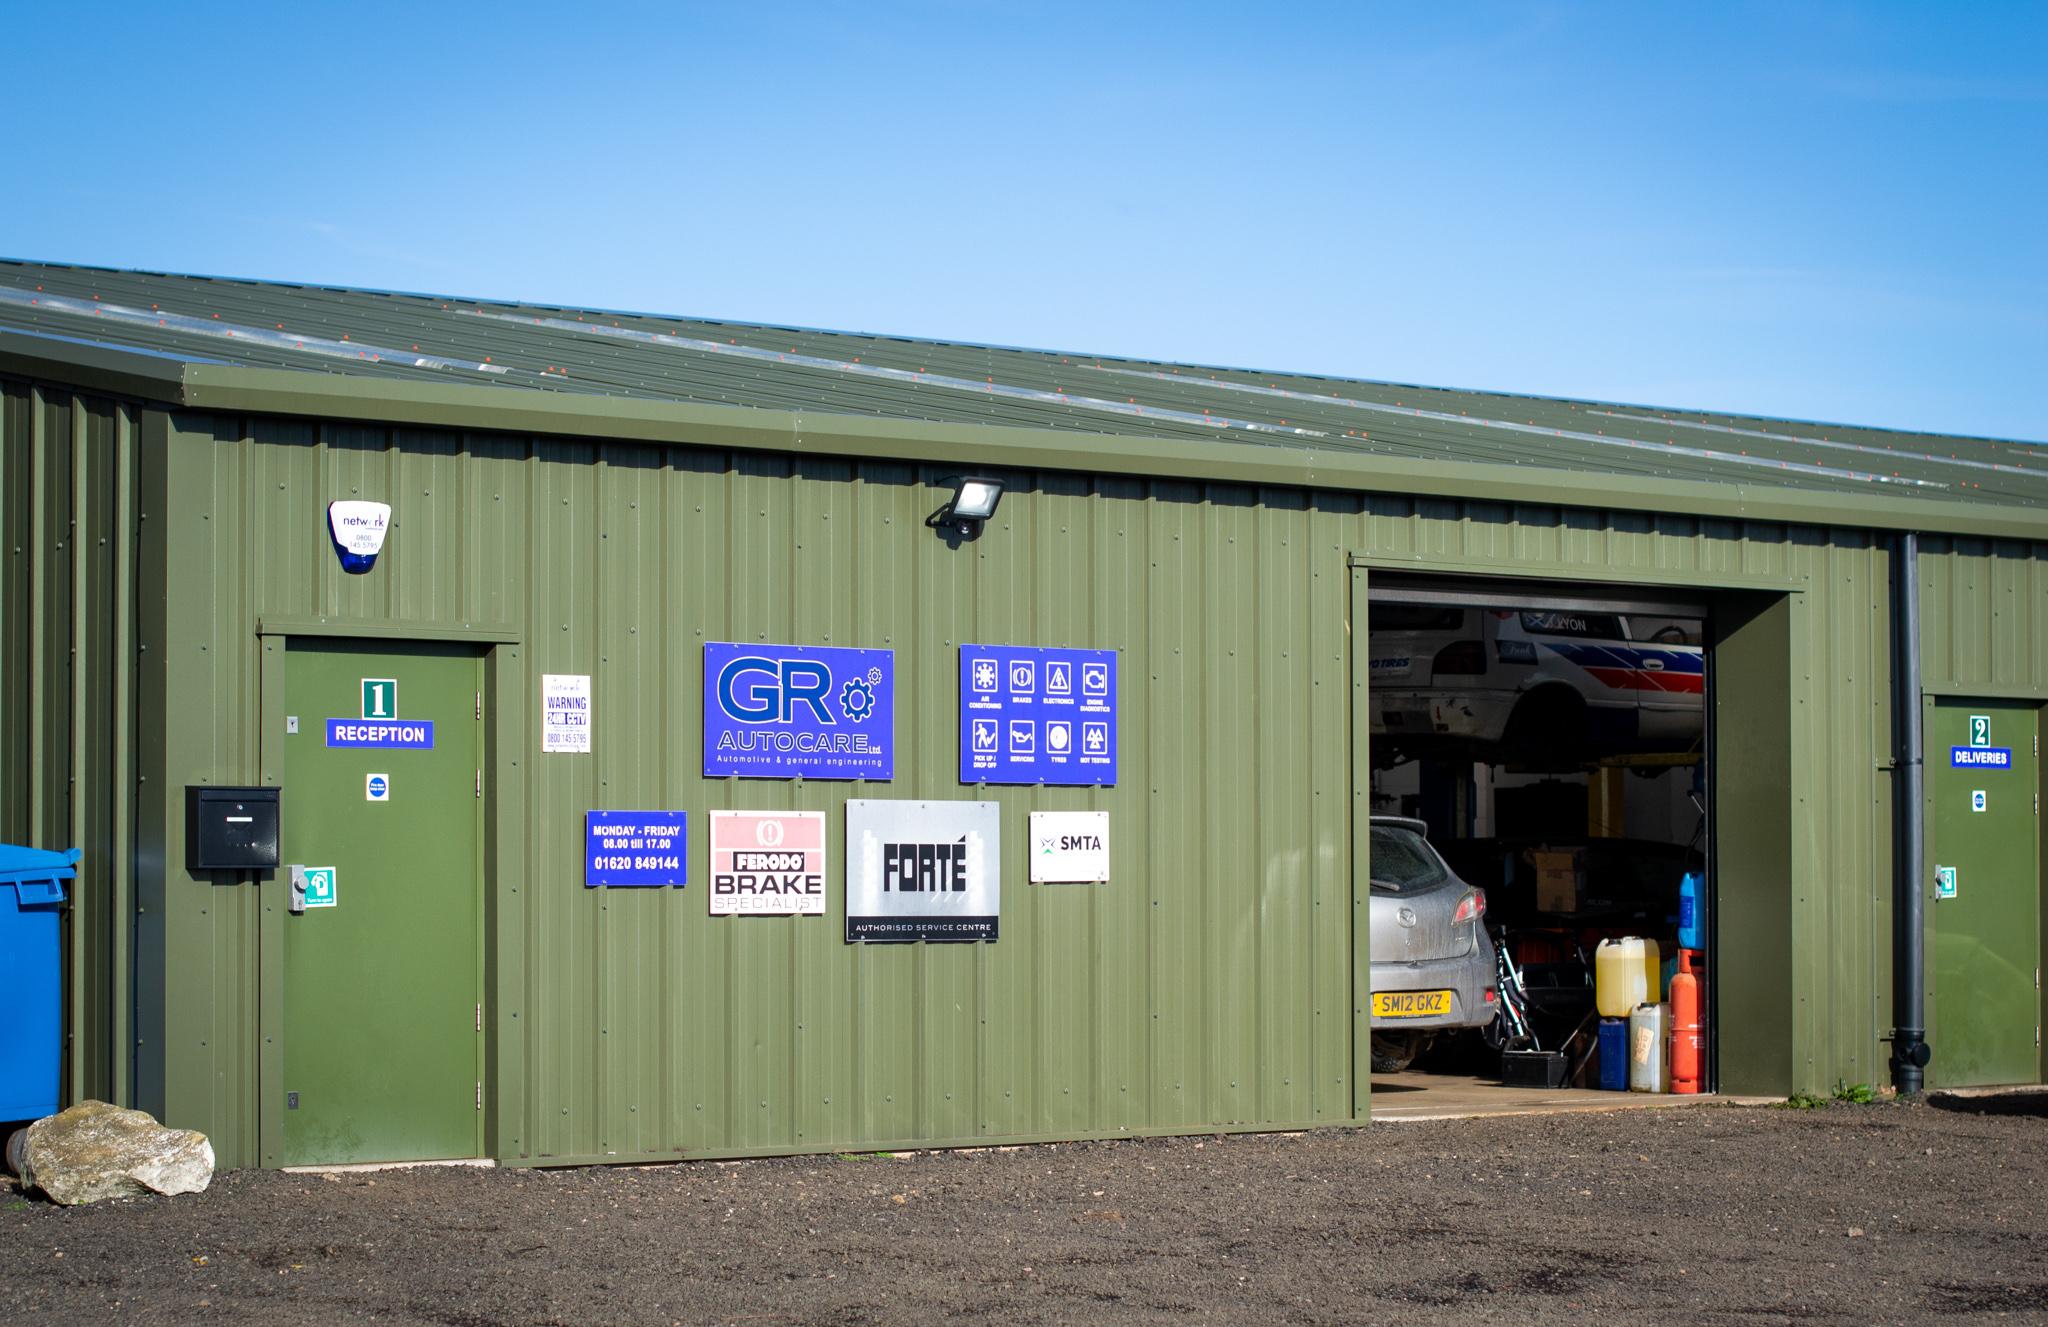 GR Autocare garage in North Berwick (Fenton Barns).